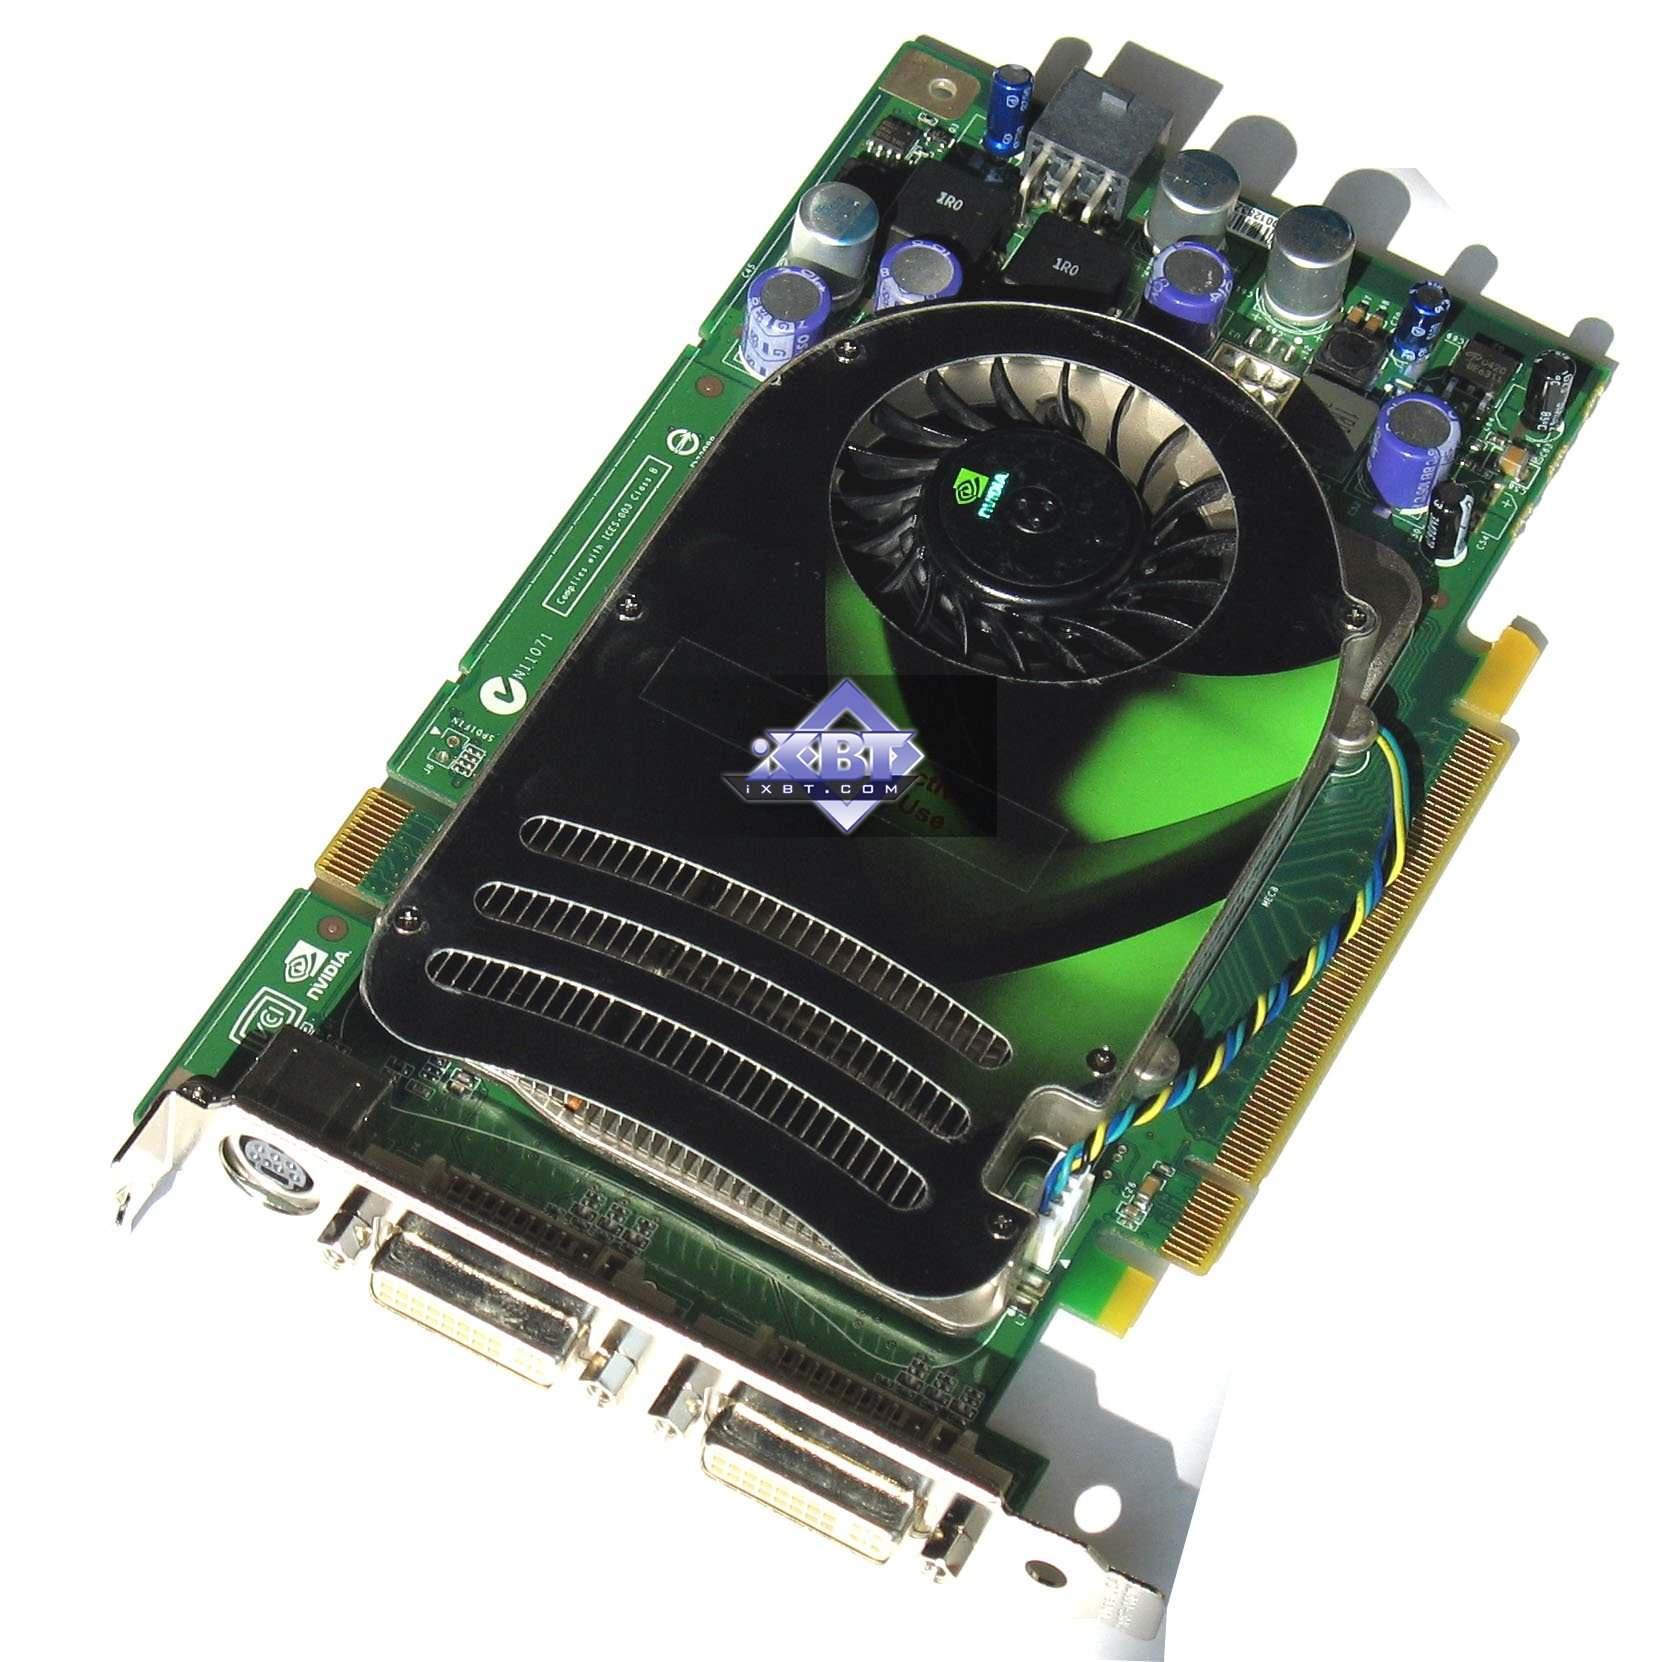 Geforce 8600 gts драйвер xp скачать